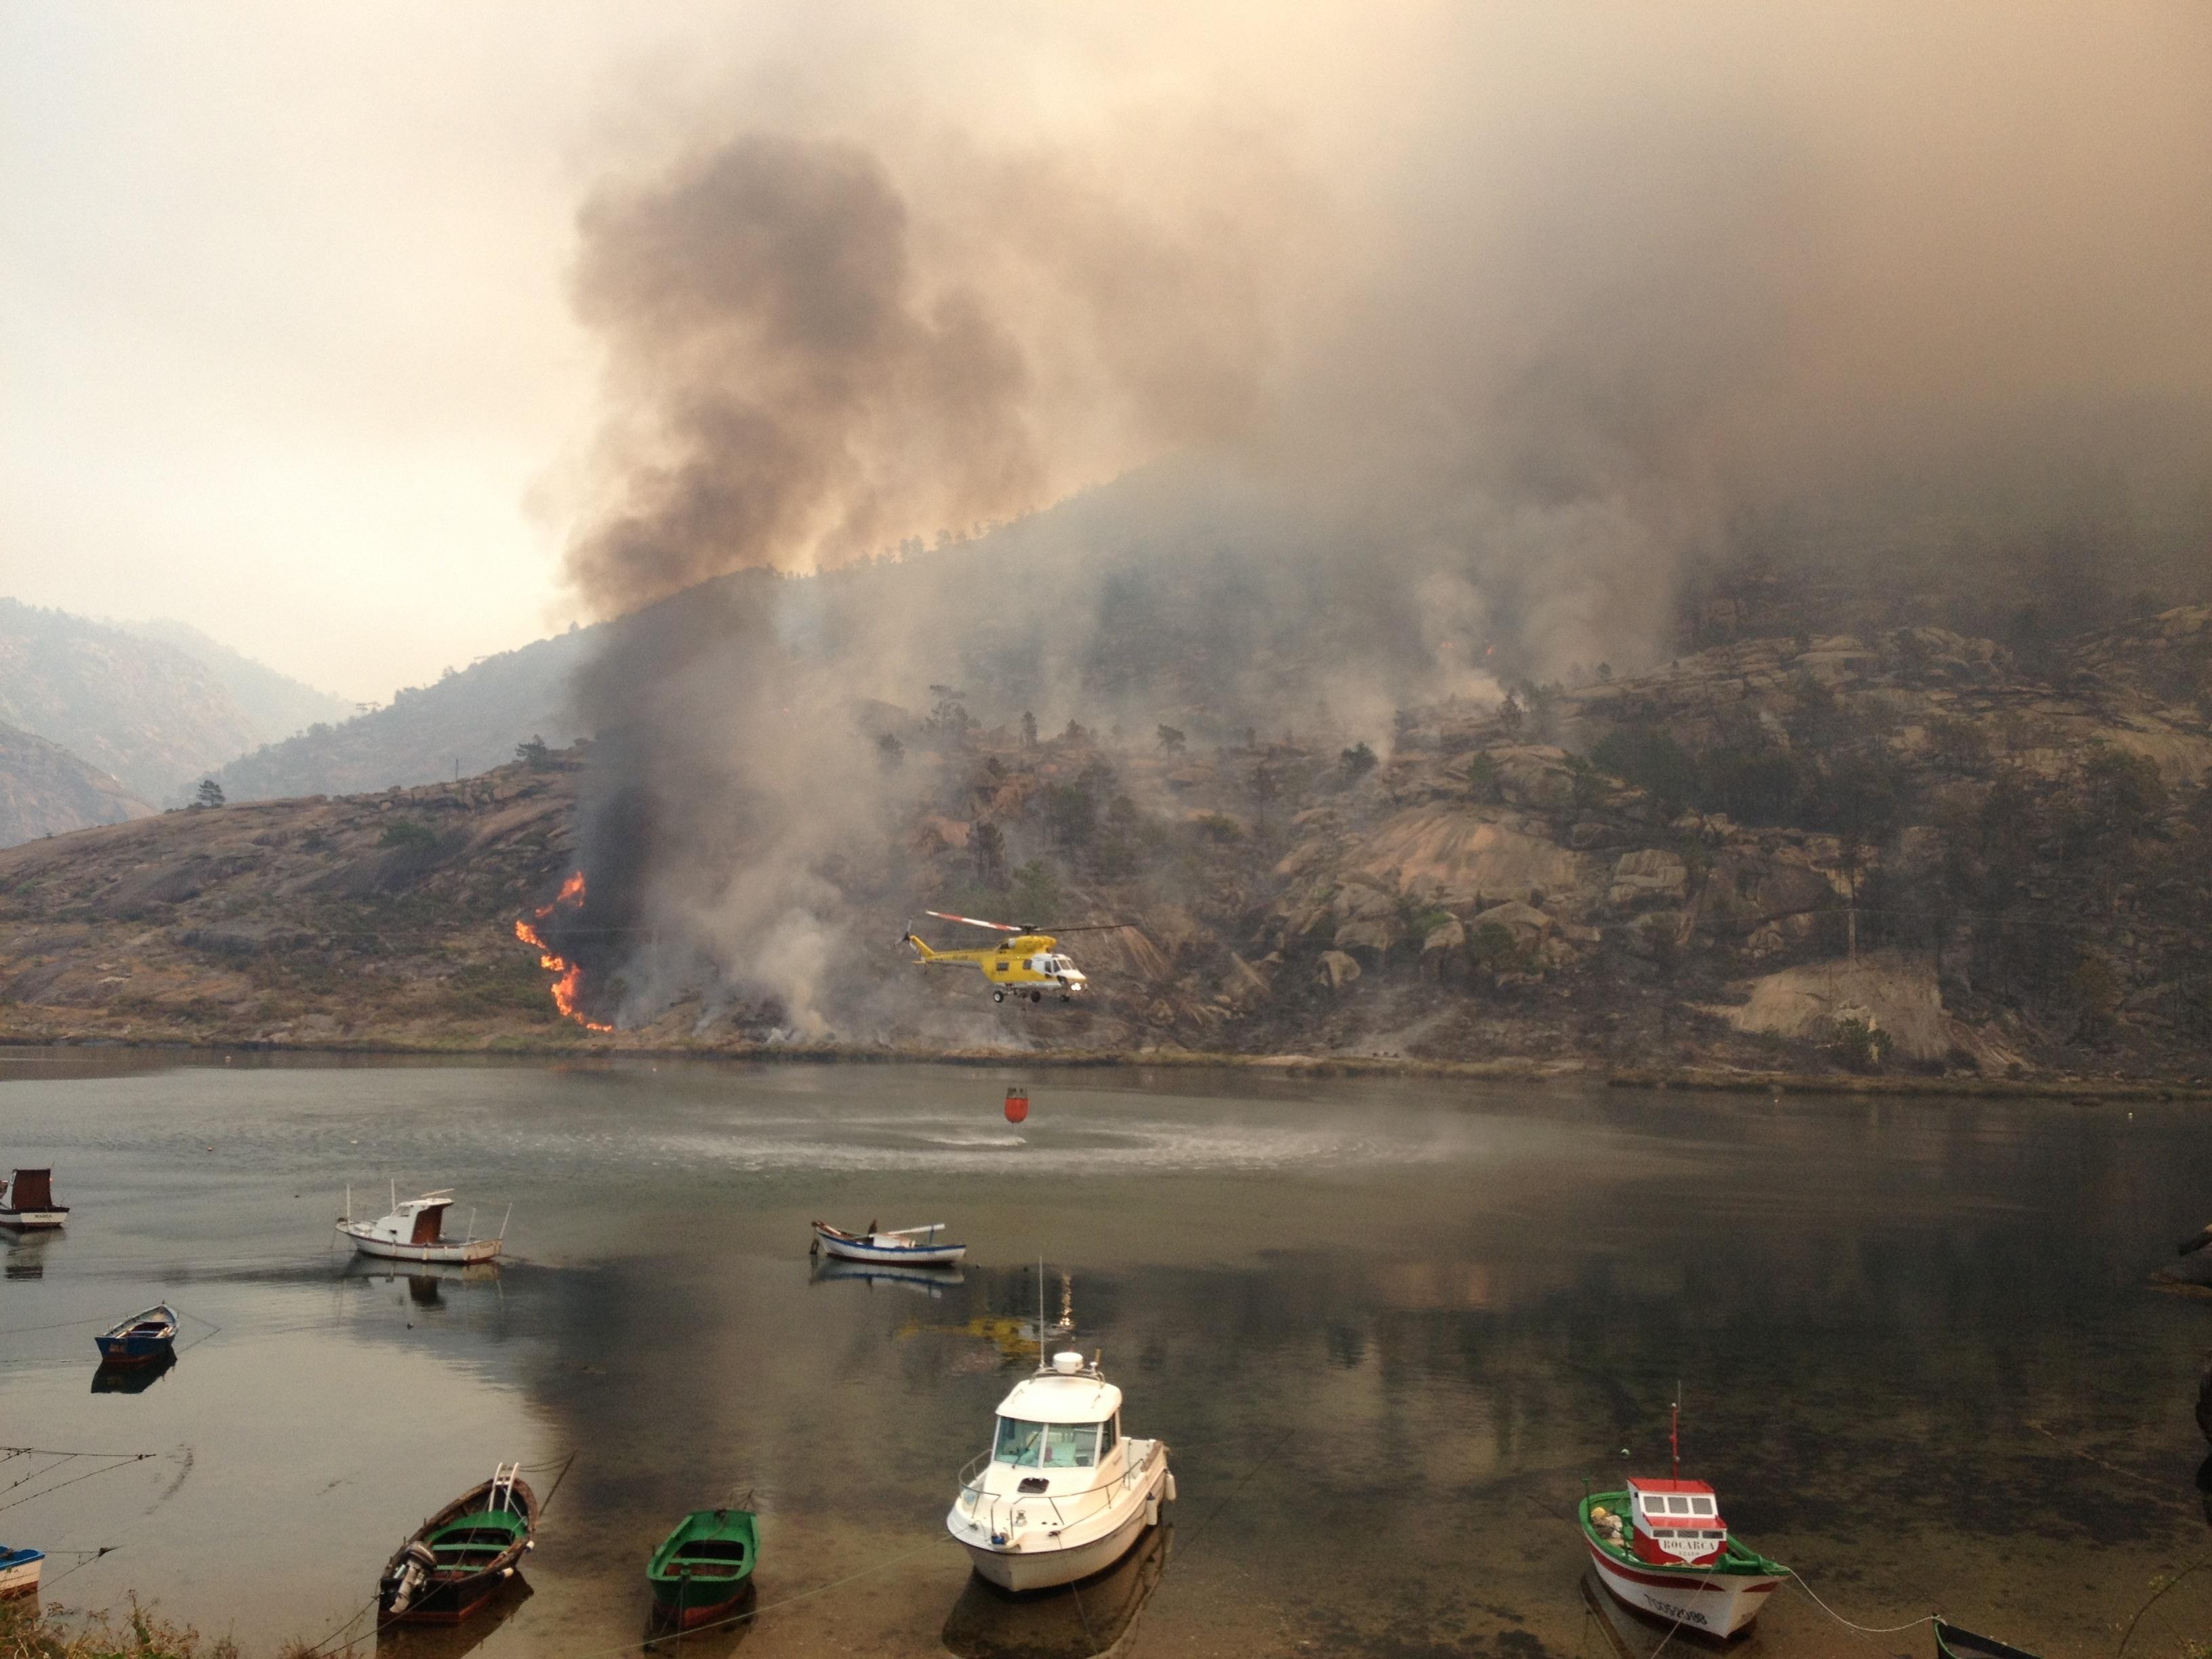 El incendio de O Pindo se aproxima a la cascada de O Ézaro y se reactivan llamas próximas a casas